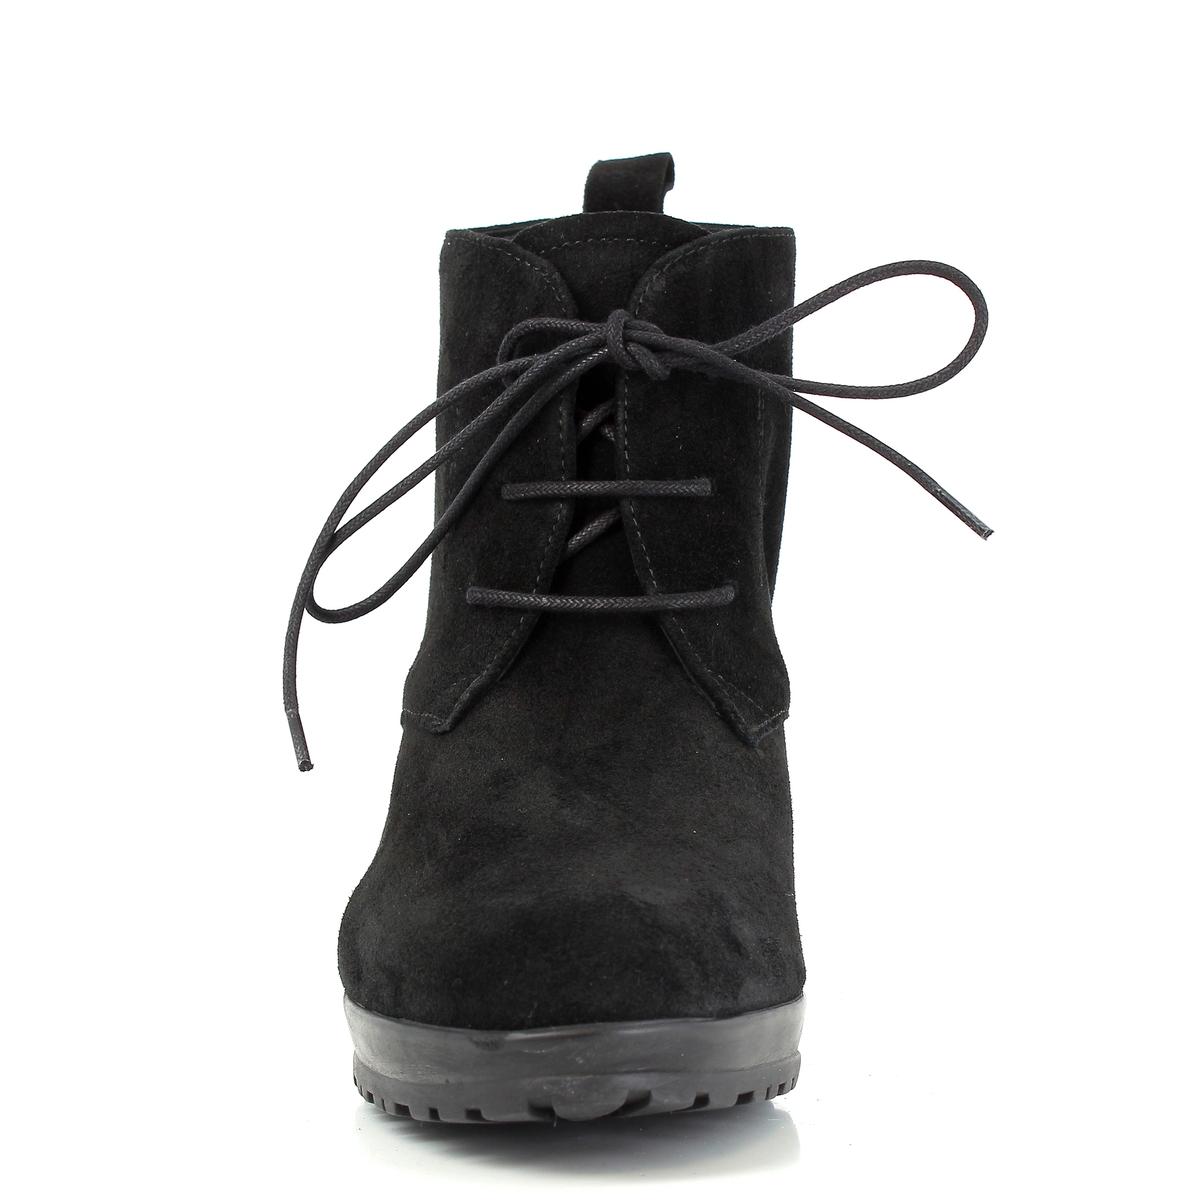 Ботильоны кожаные на шнуровке, SIGURВерх/ Голенище: Кожа (рогатого скота).     Подкладка: Кожа и текстиль.          Стелька: Кожа.Подошва: Синтетический материал.                            Высота каблука: 8,7 см.  Высота голенища: 17 см. Форма каблука: Широкая.   Мысок: Круглый.        Застежка: Шнуровка.<br><br>Цвет: черный<br>Размер: 39.37